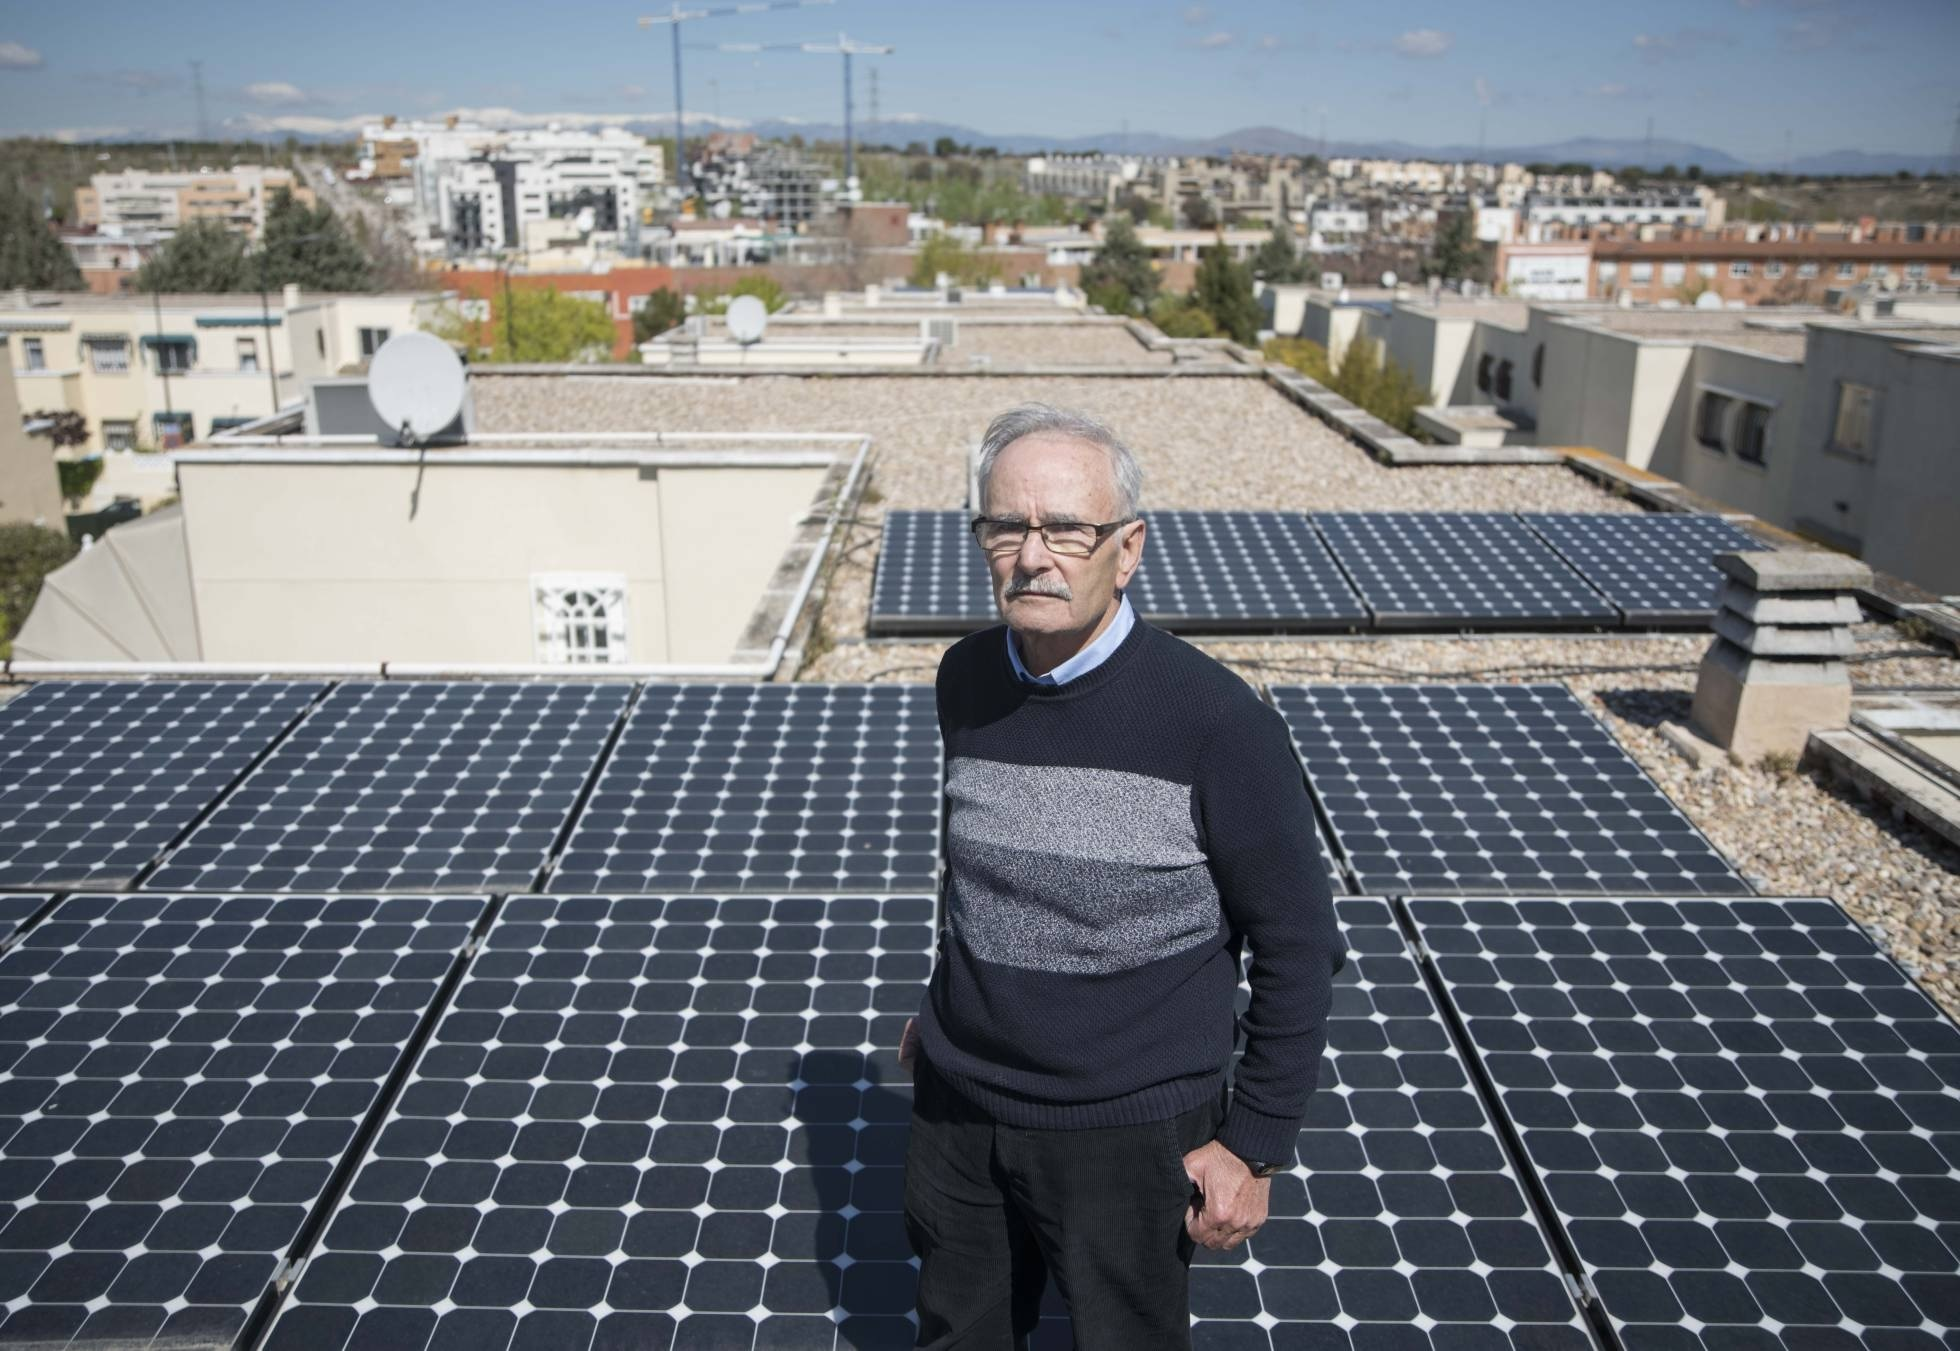 Economía Majadahonda: Paco Holguera (Energía solar) y Pastelerías Manolo